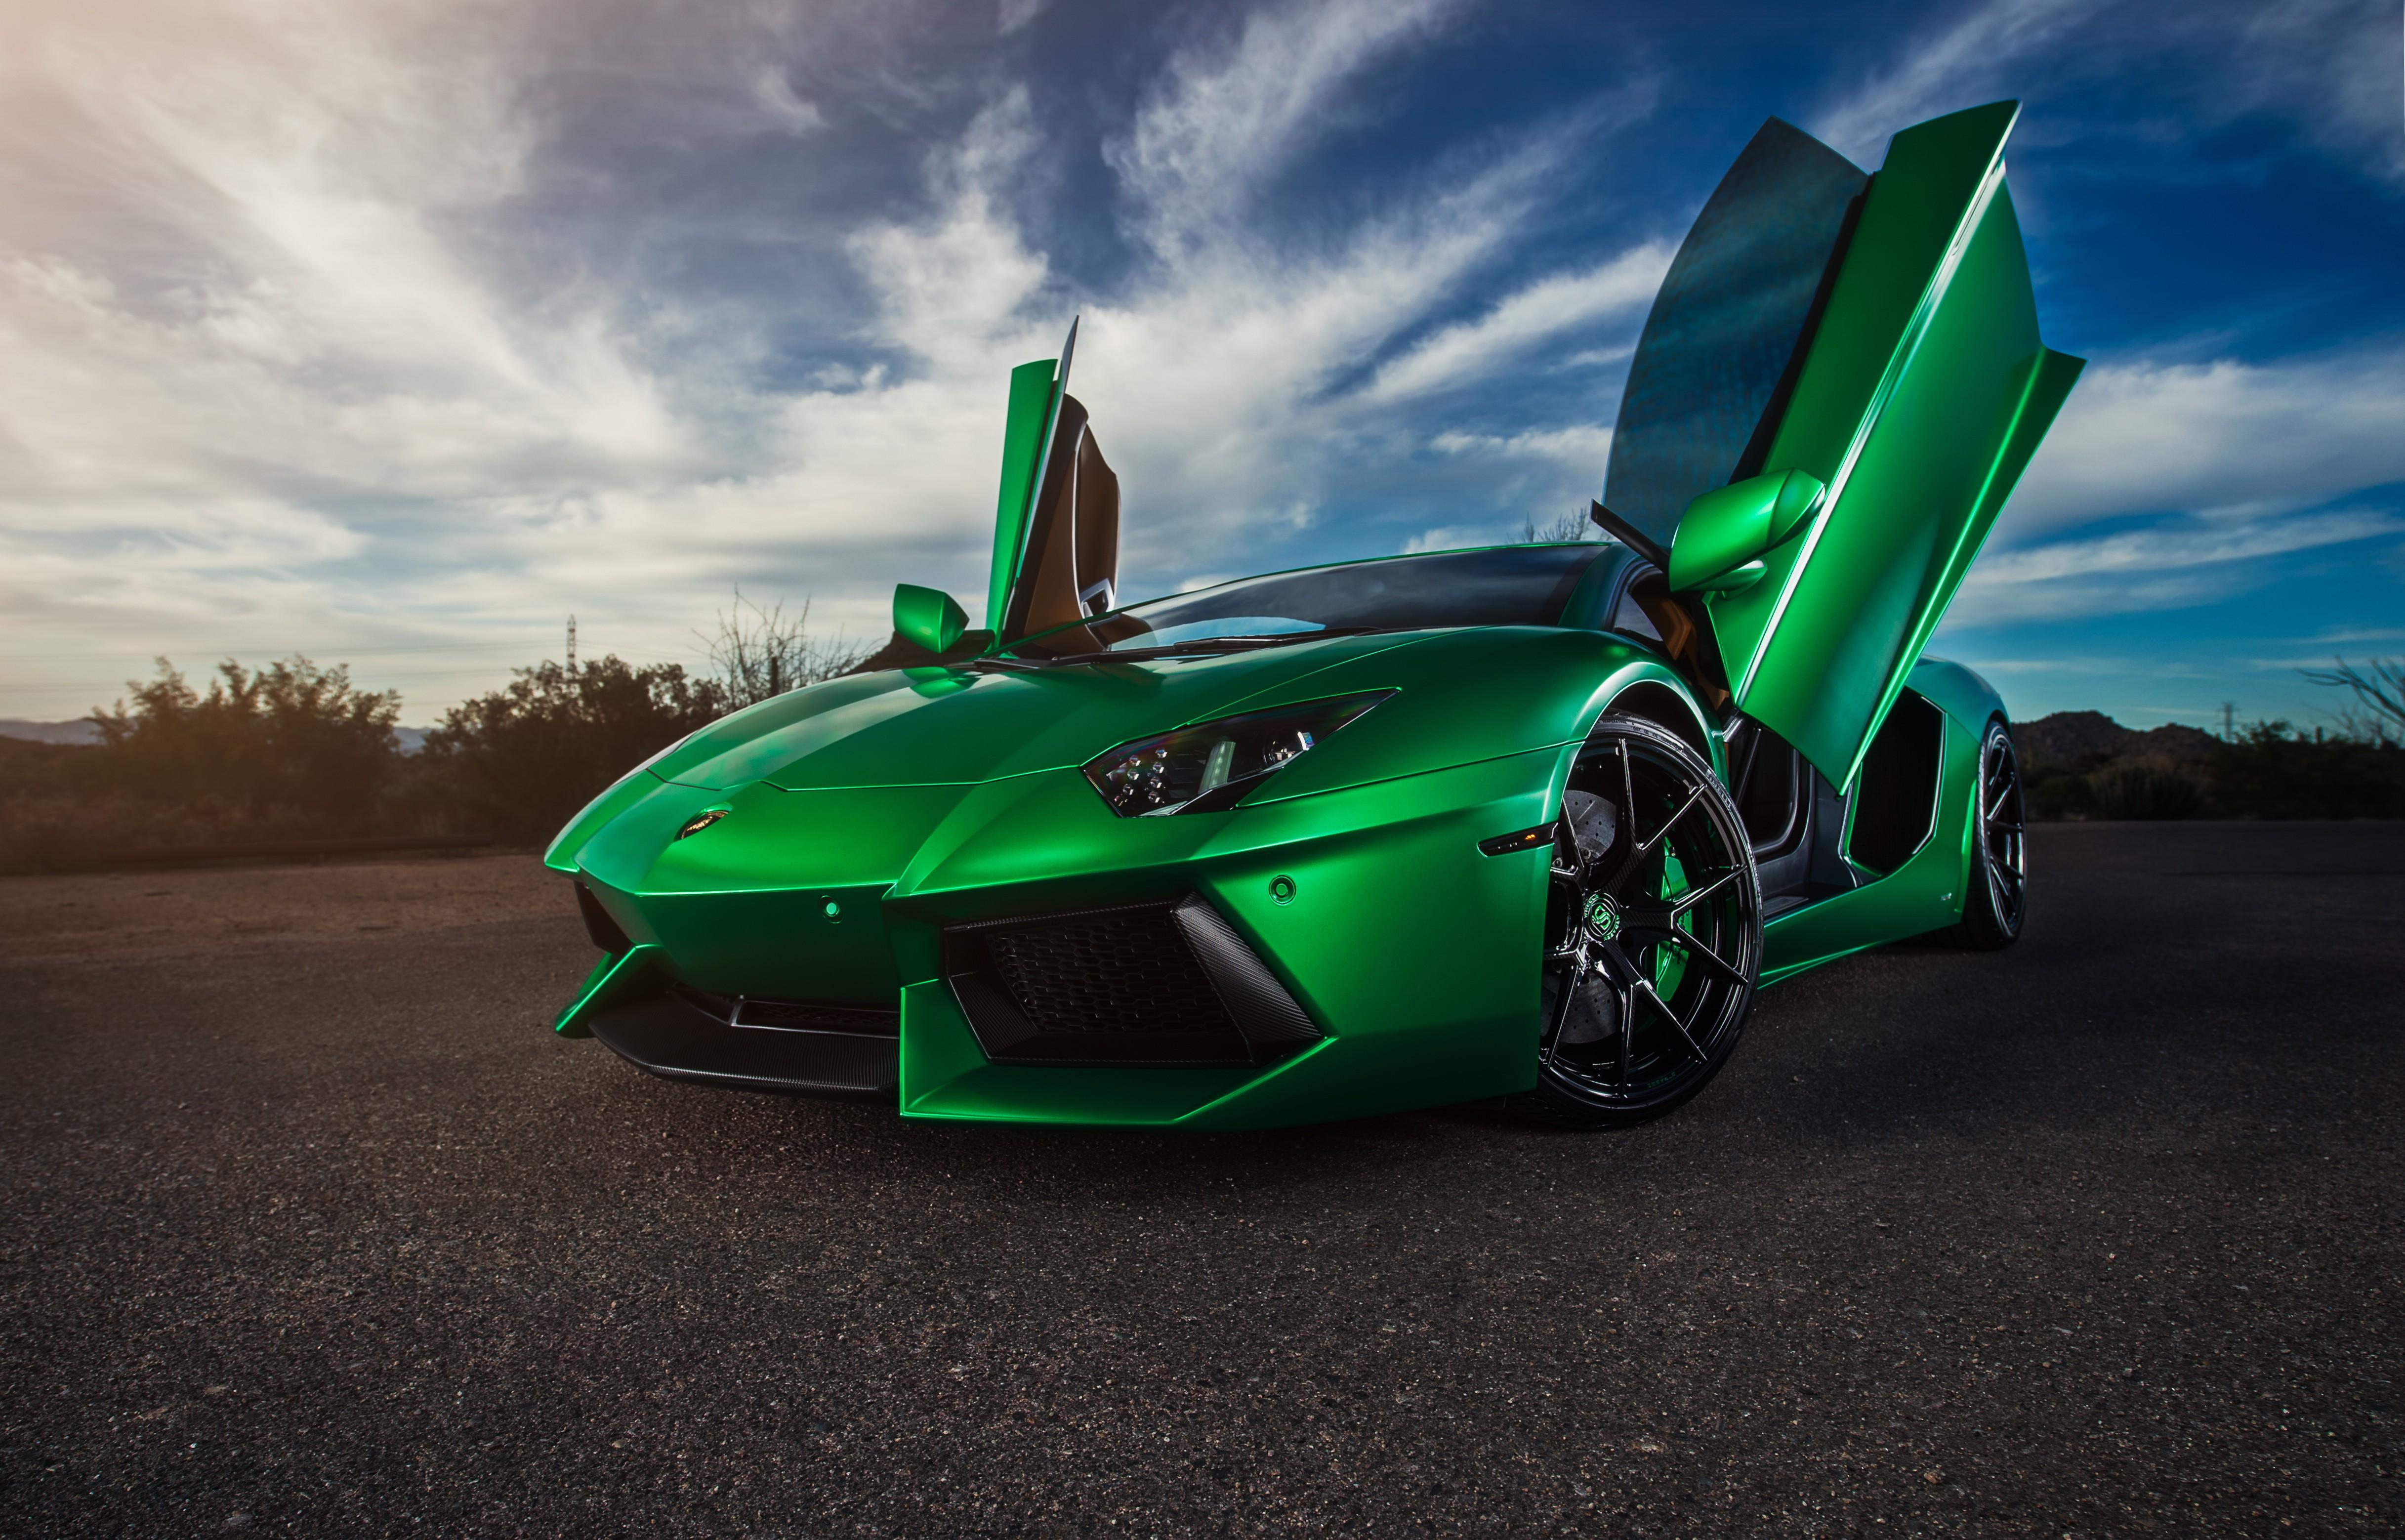 Lamborgini Sports Car Hd Wallpaper Lamborghini Hd Hd Cars 4k Wallpapers Images